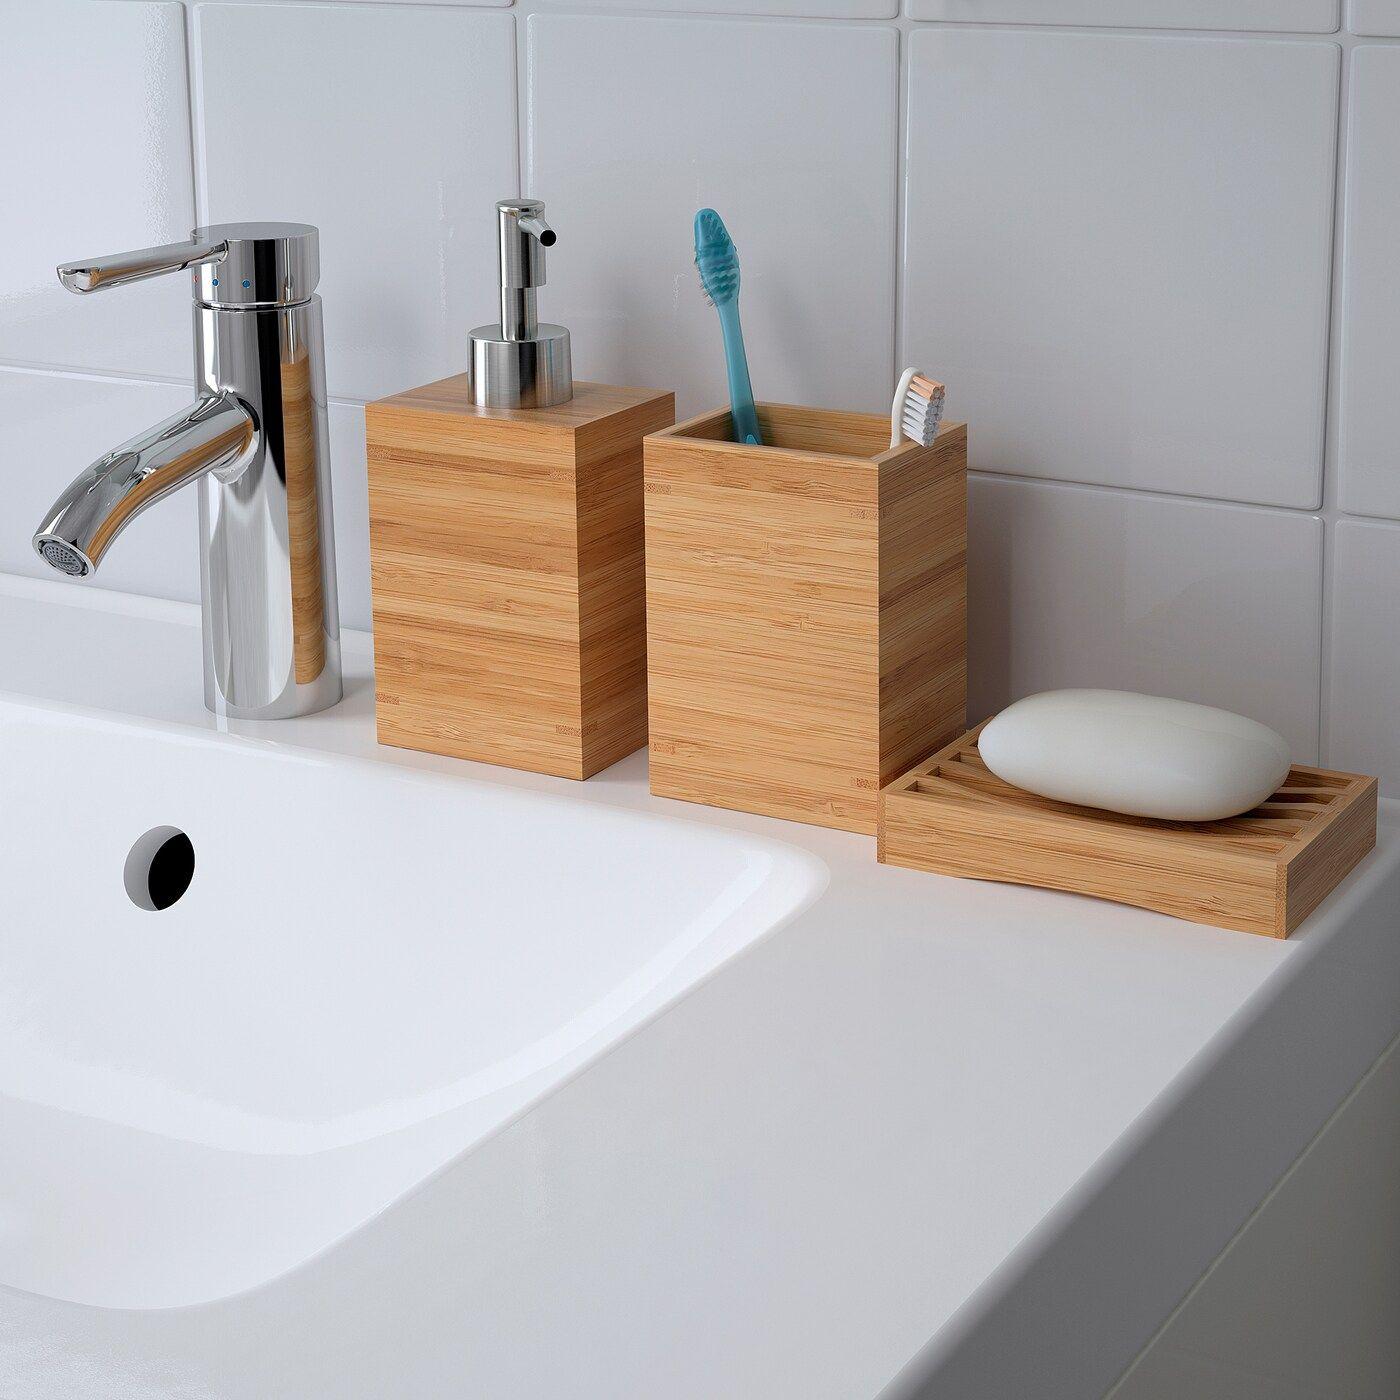 Dragan Seifenschale Bambus In 2020 Bambus Badezimmer Seifenspender Und Badezimmer Accessoires